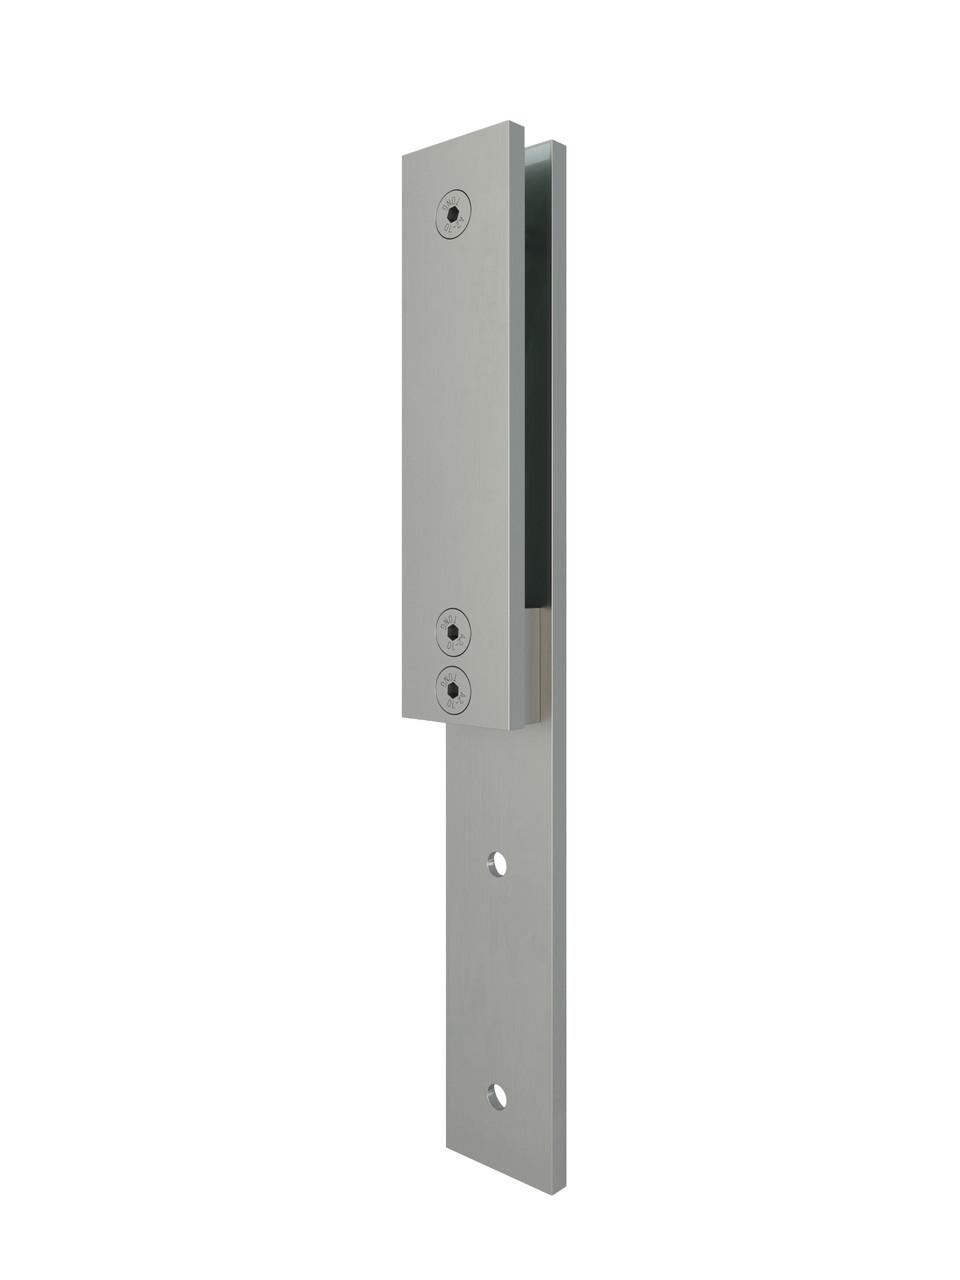 ODF-02-05-01 Стійка для скляних огорож MINI з нержавіючої сталі, кріплення поручнів зі скла, матове